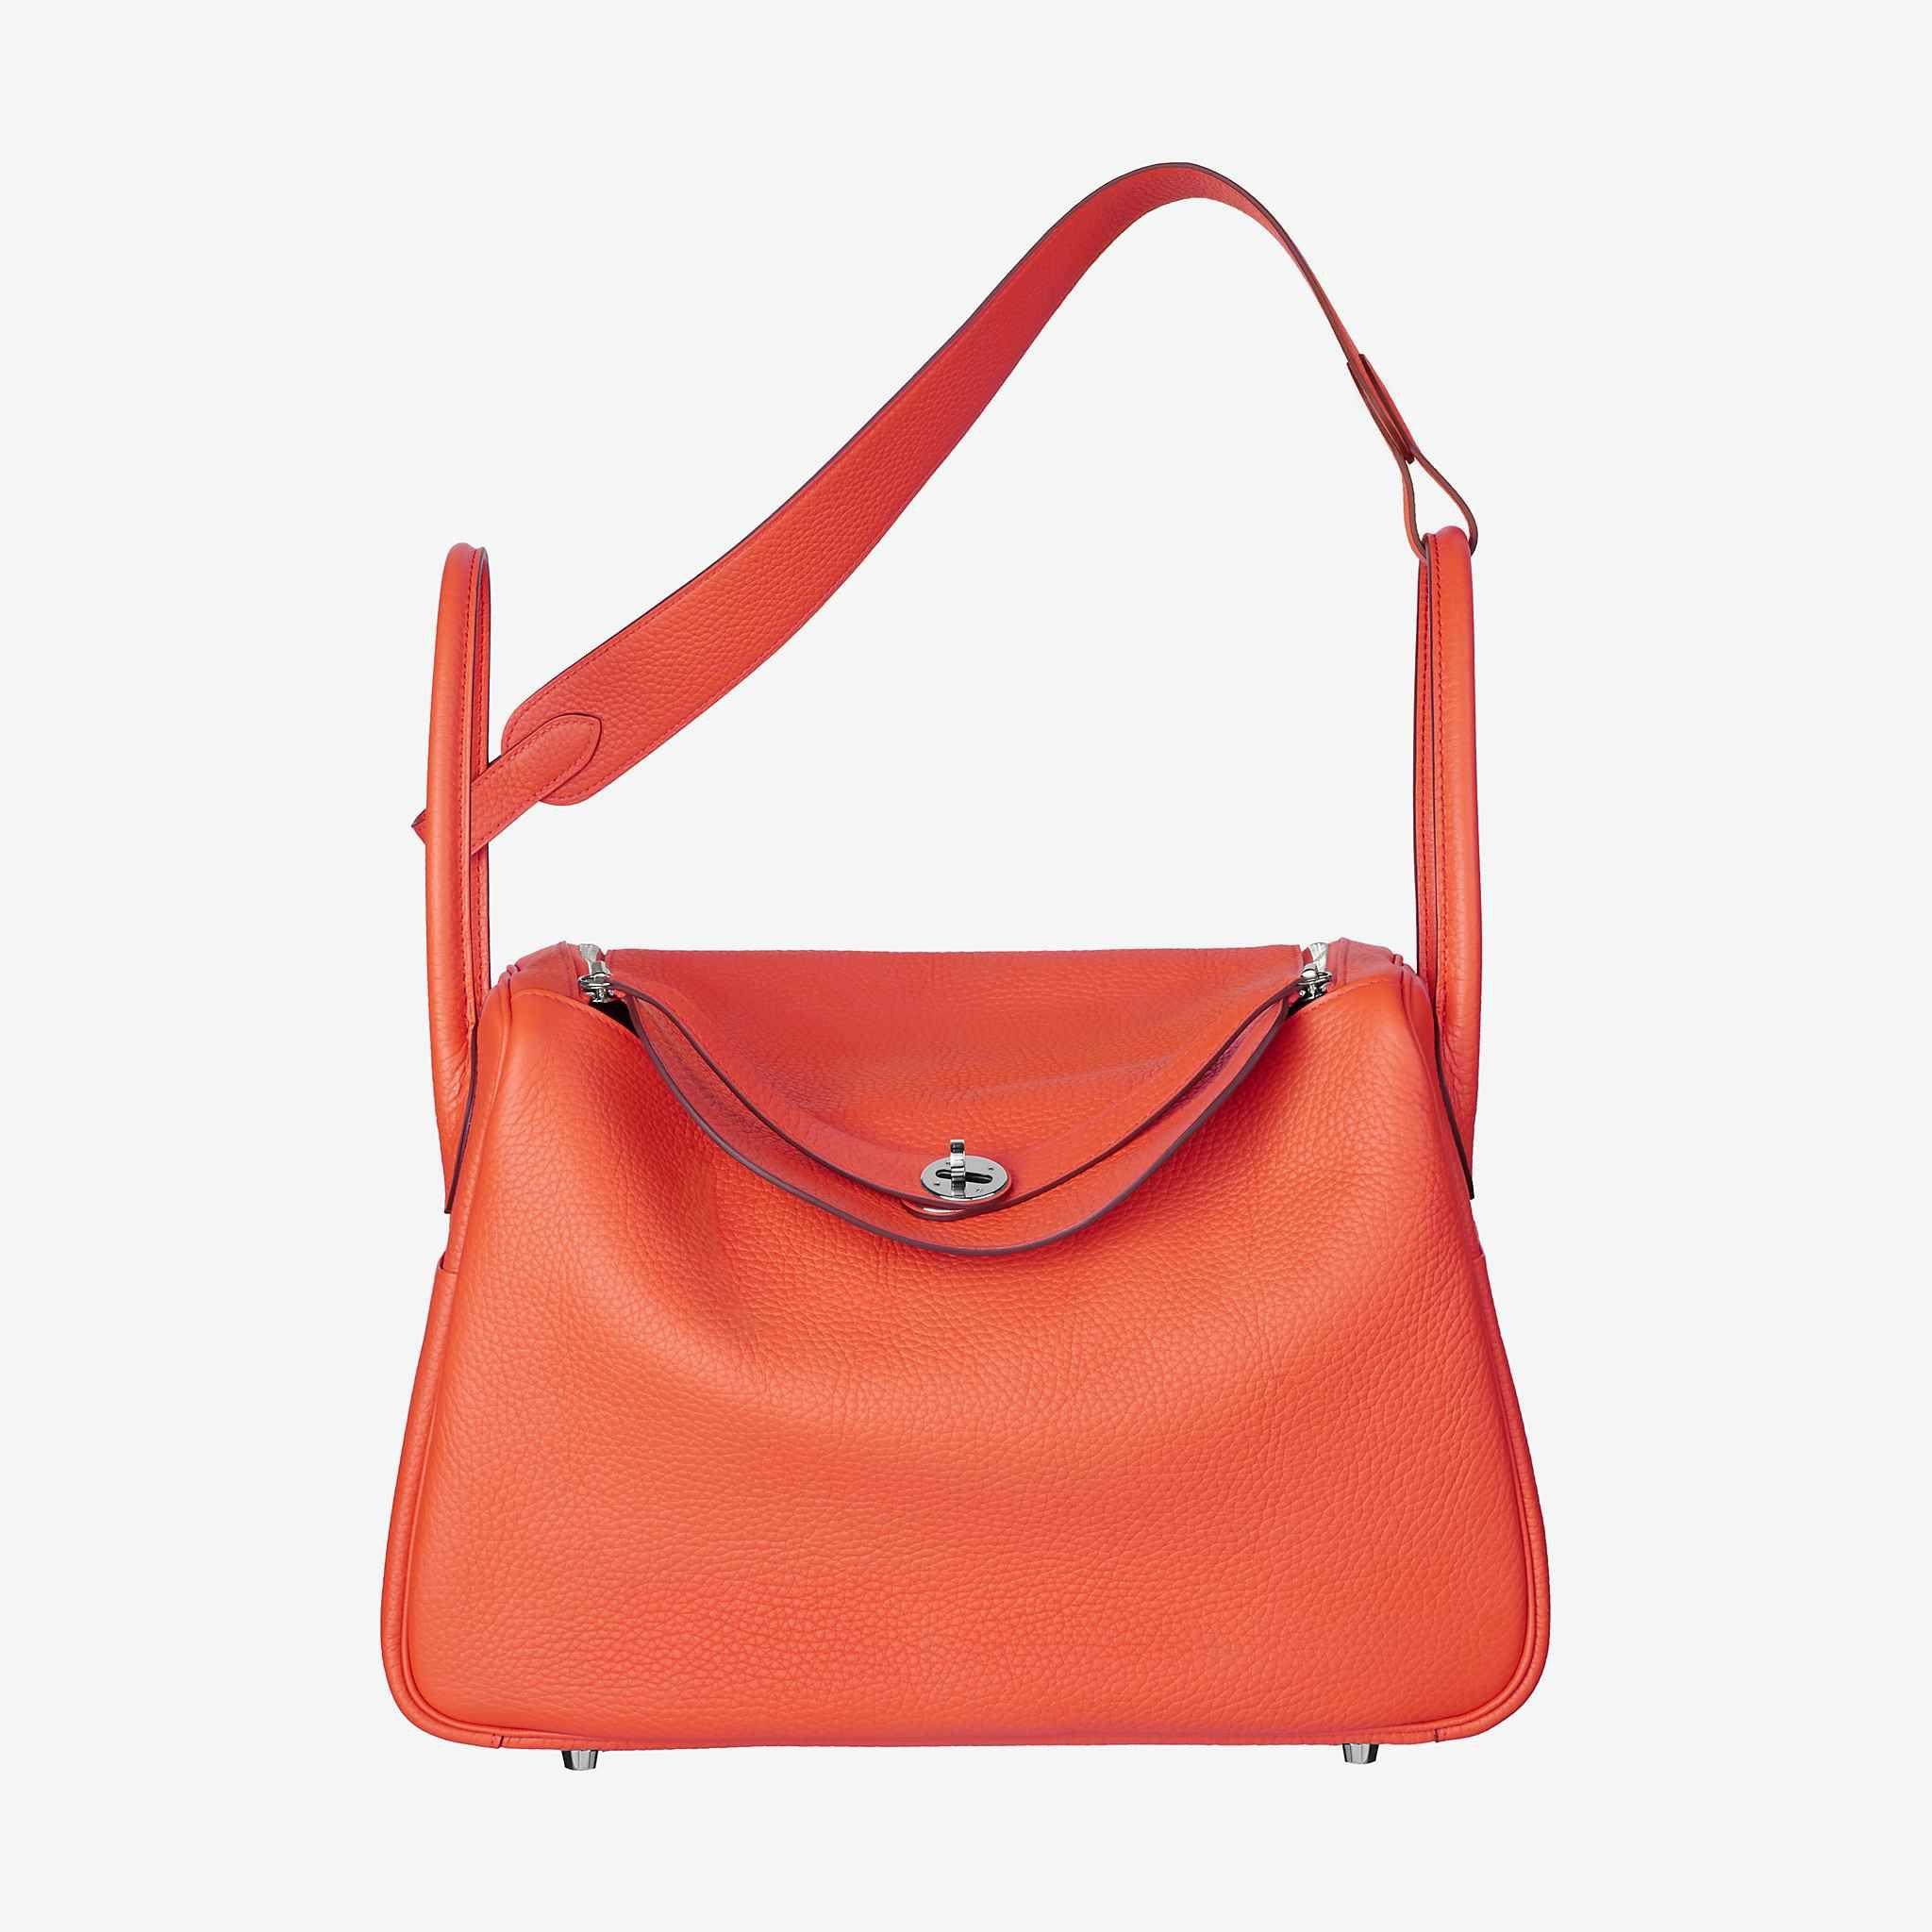 40d741fb33 Lindy 34 bag in 2019 | Pressies! | Hermes bags, Bags, Hermes